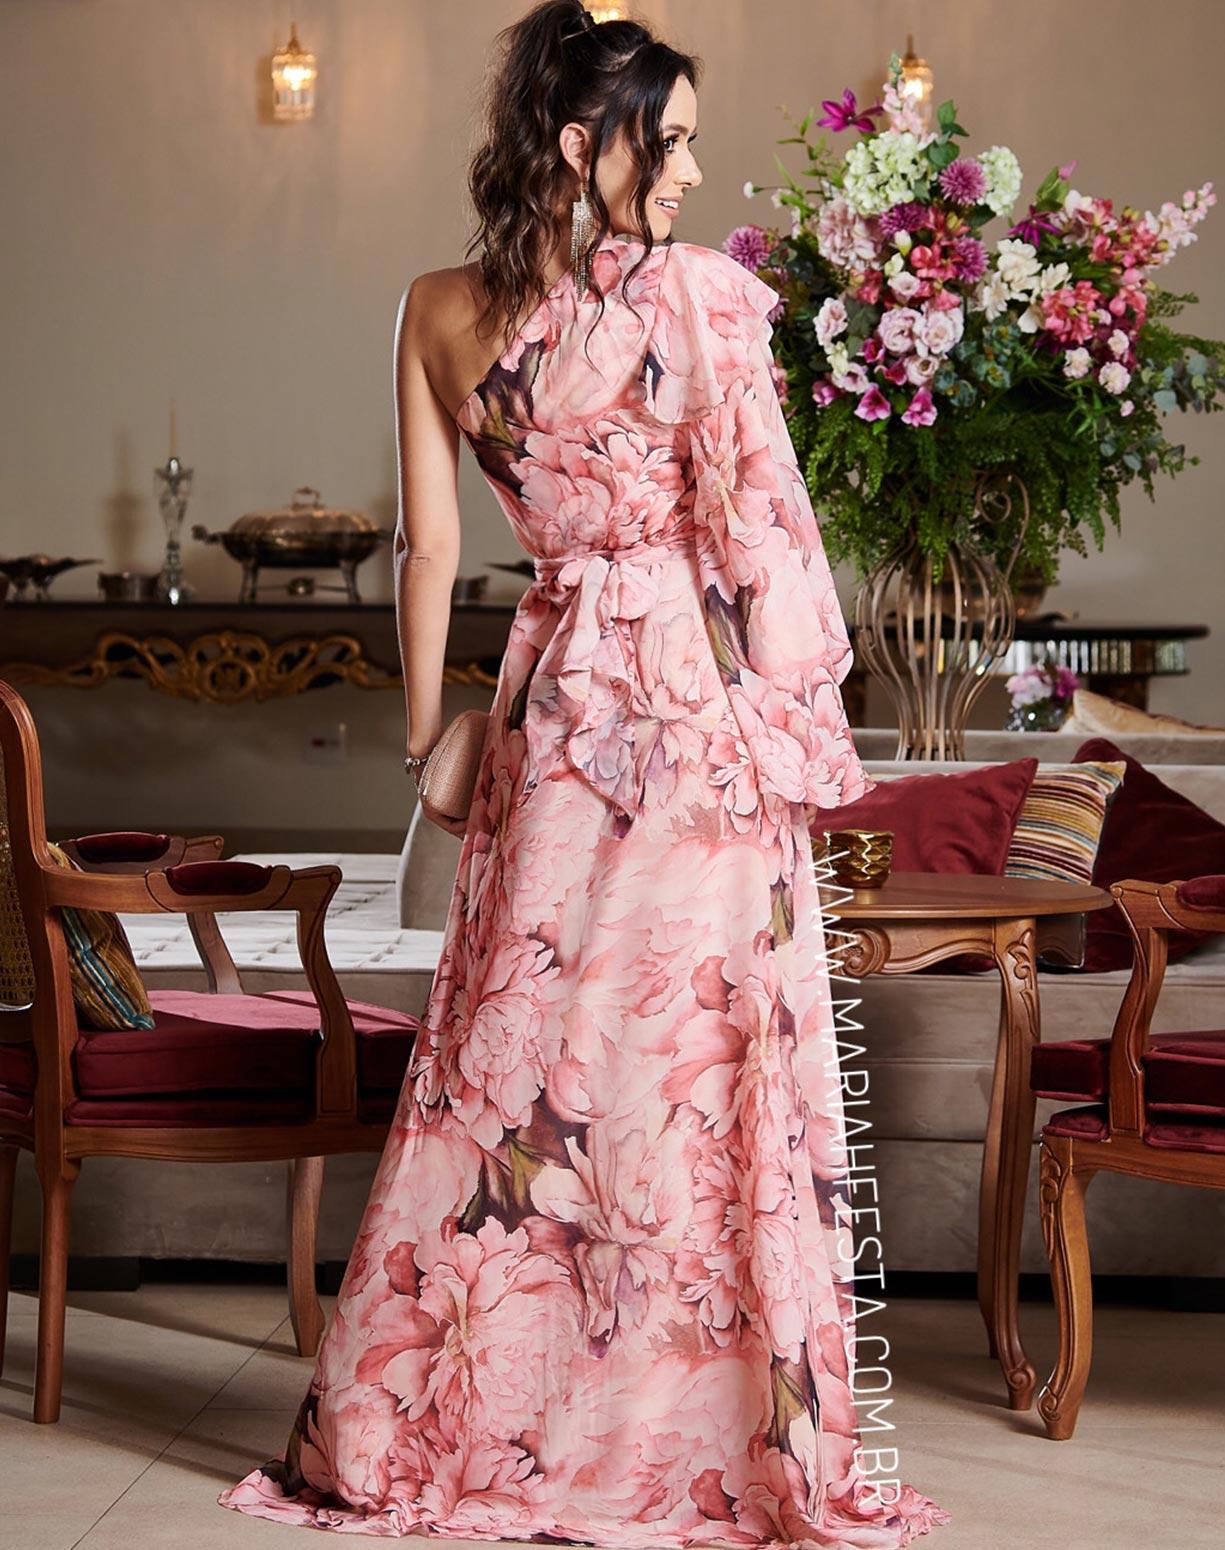 Vestido Rosa Floral de Um Ombro Só